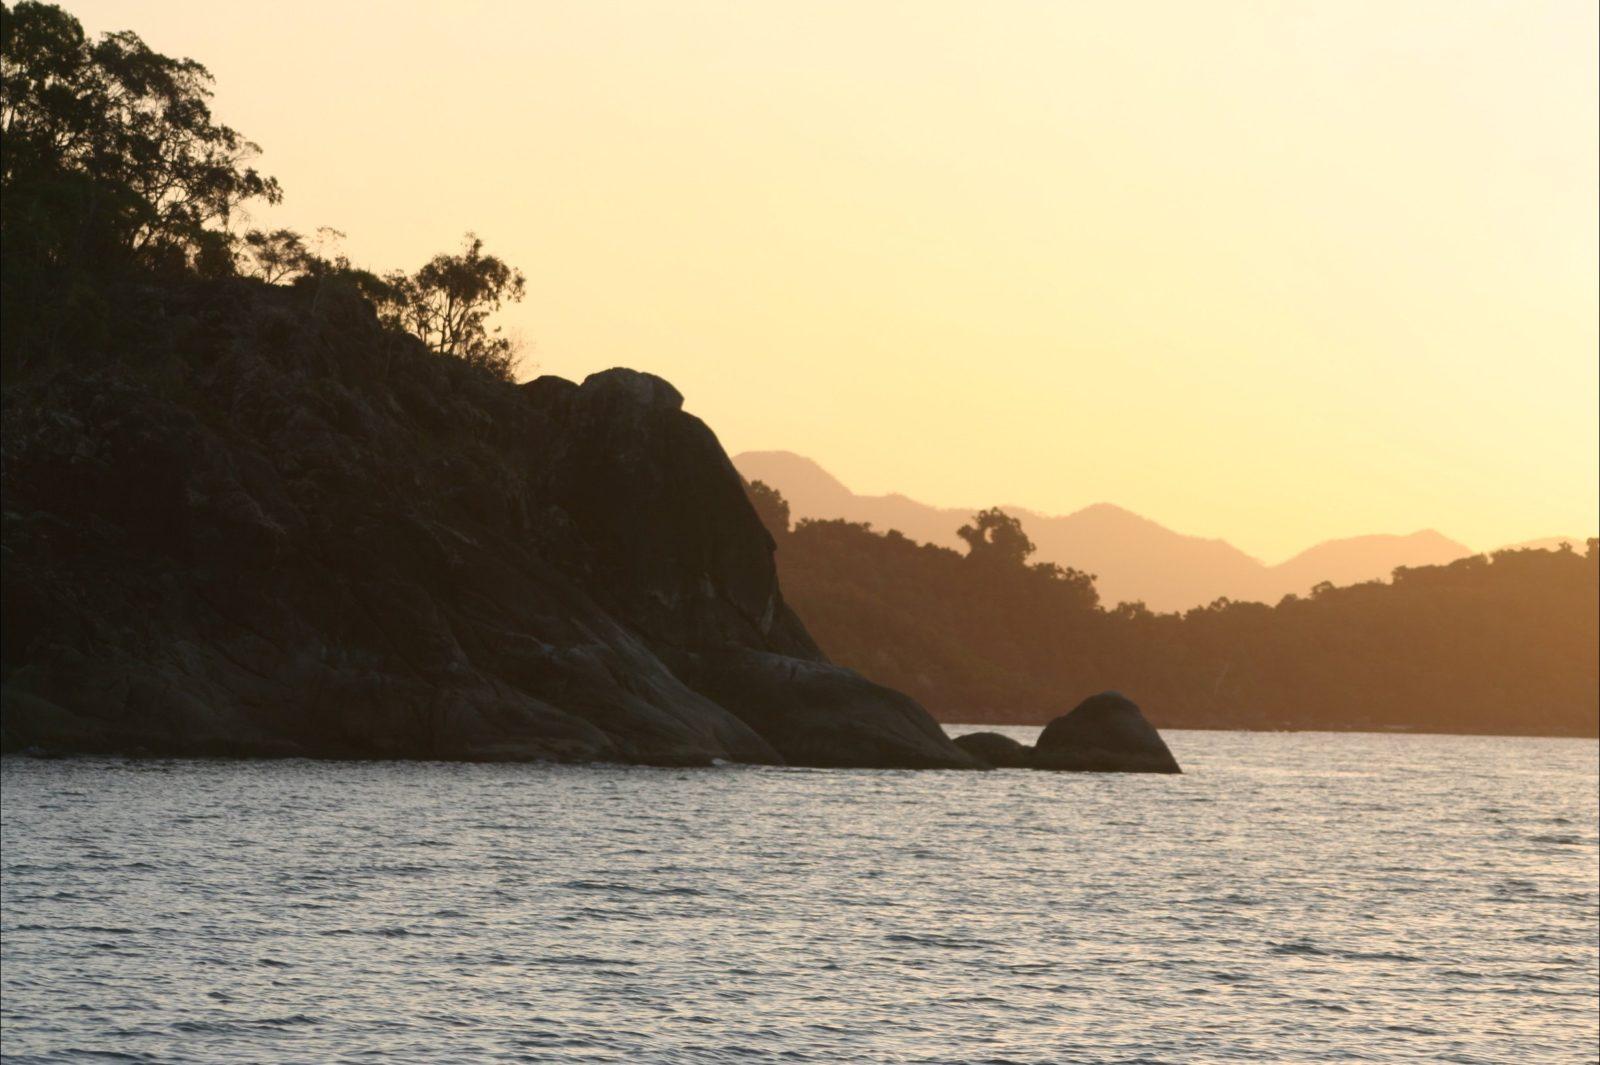 Hinchinbrook Island's coastline at sunset